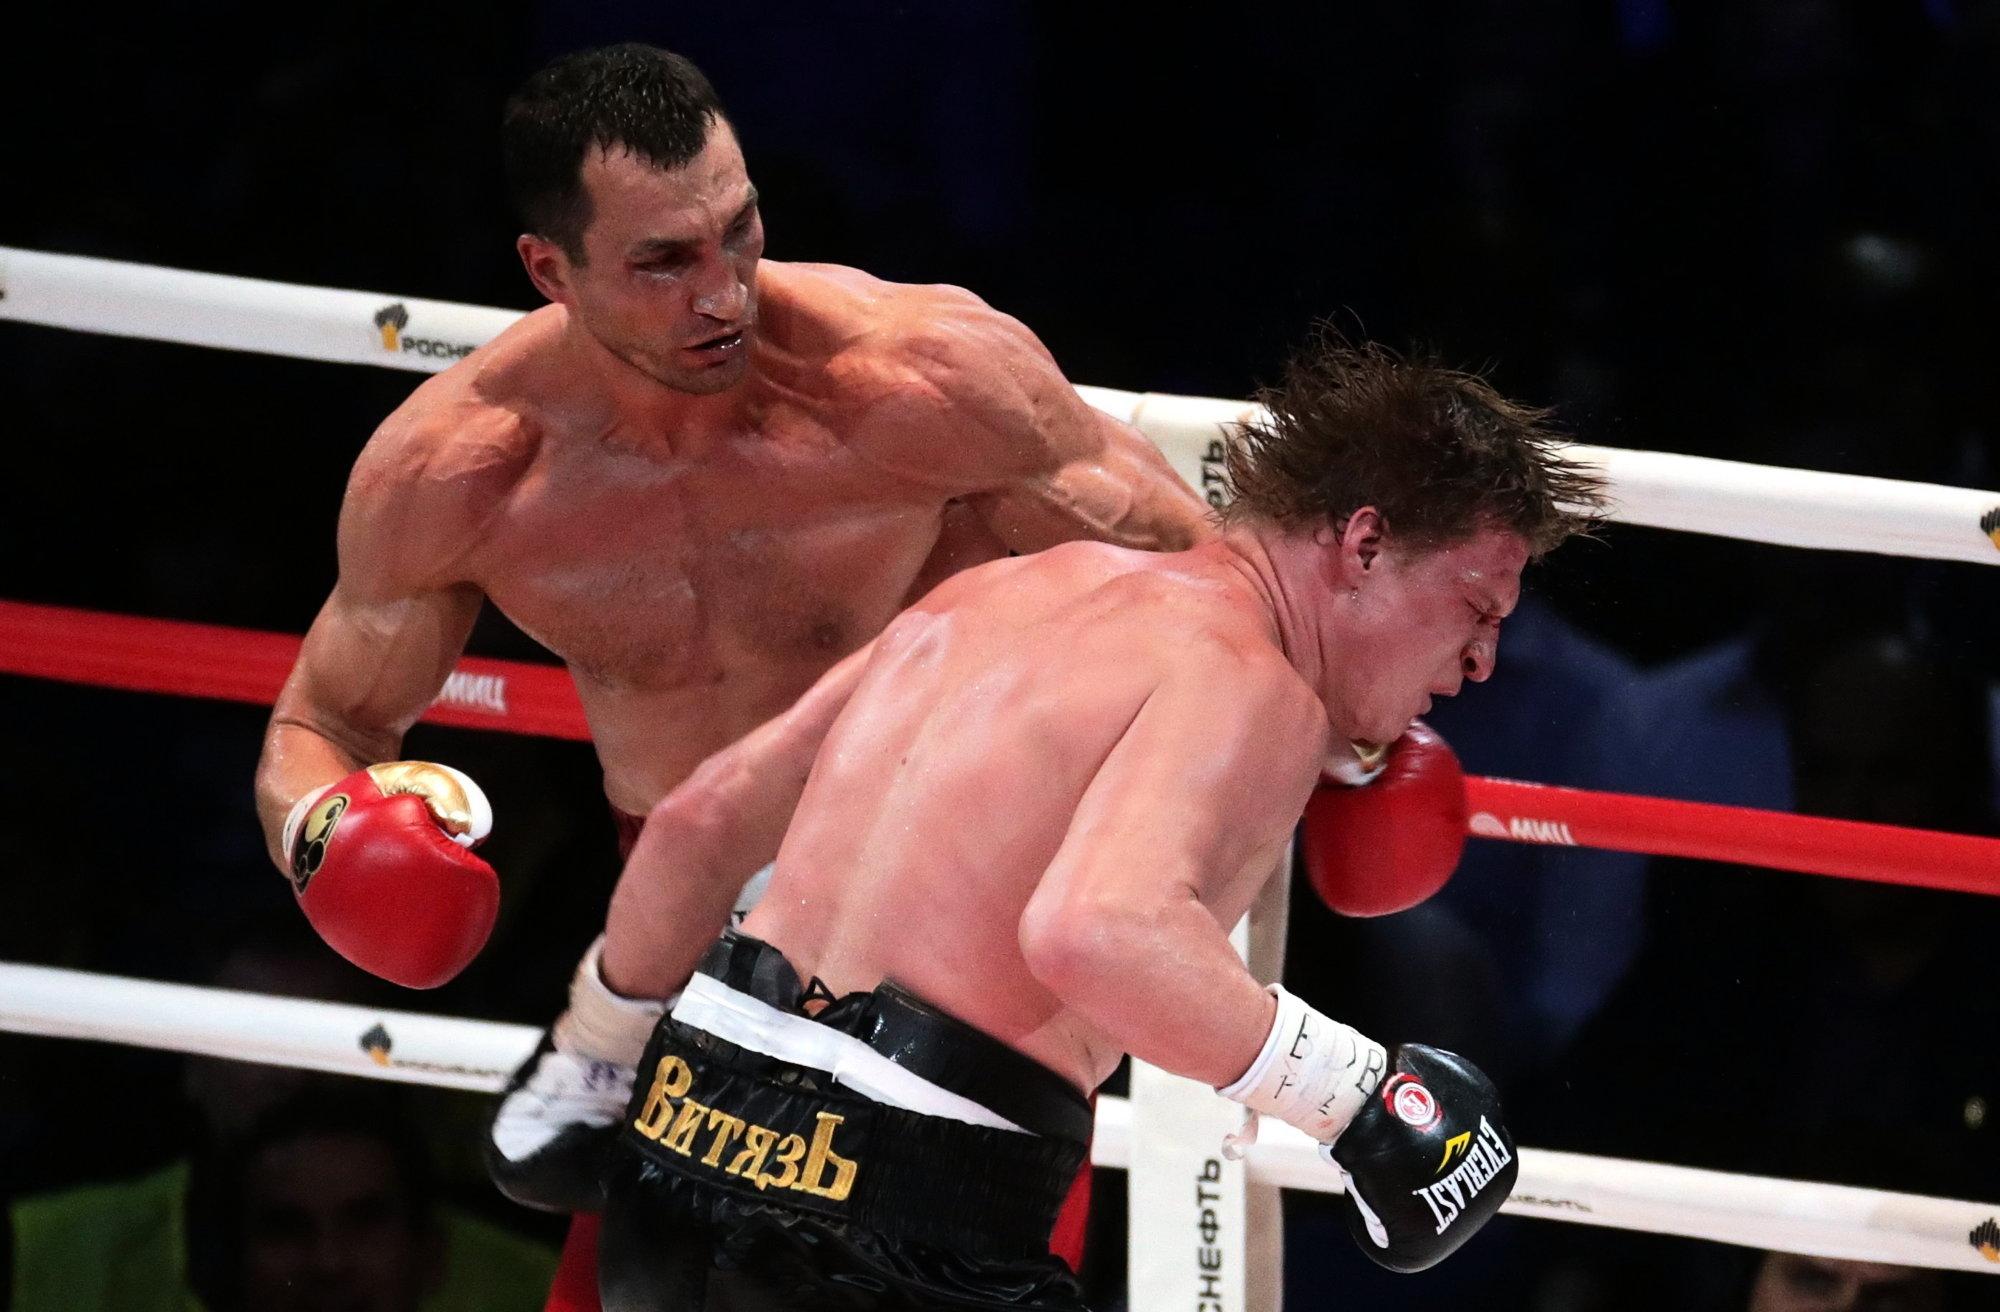 Украинский боксер Ломаченко стал дважды чемпионом мира - Цензор.НЕТ 6710